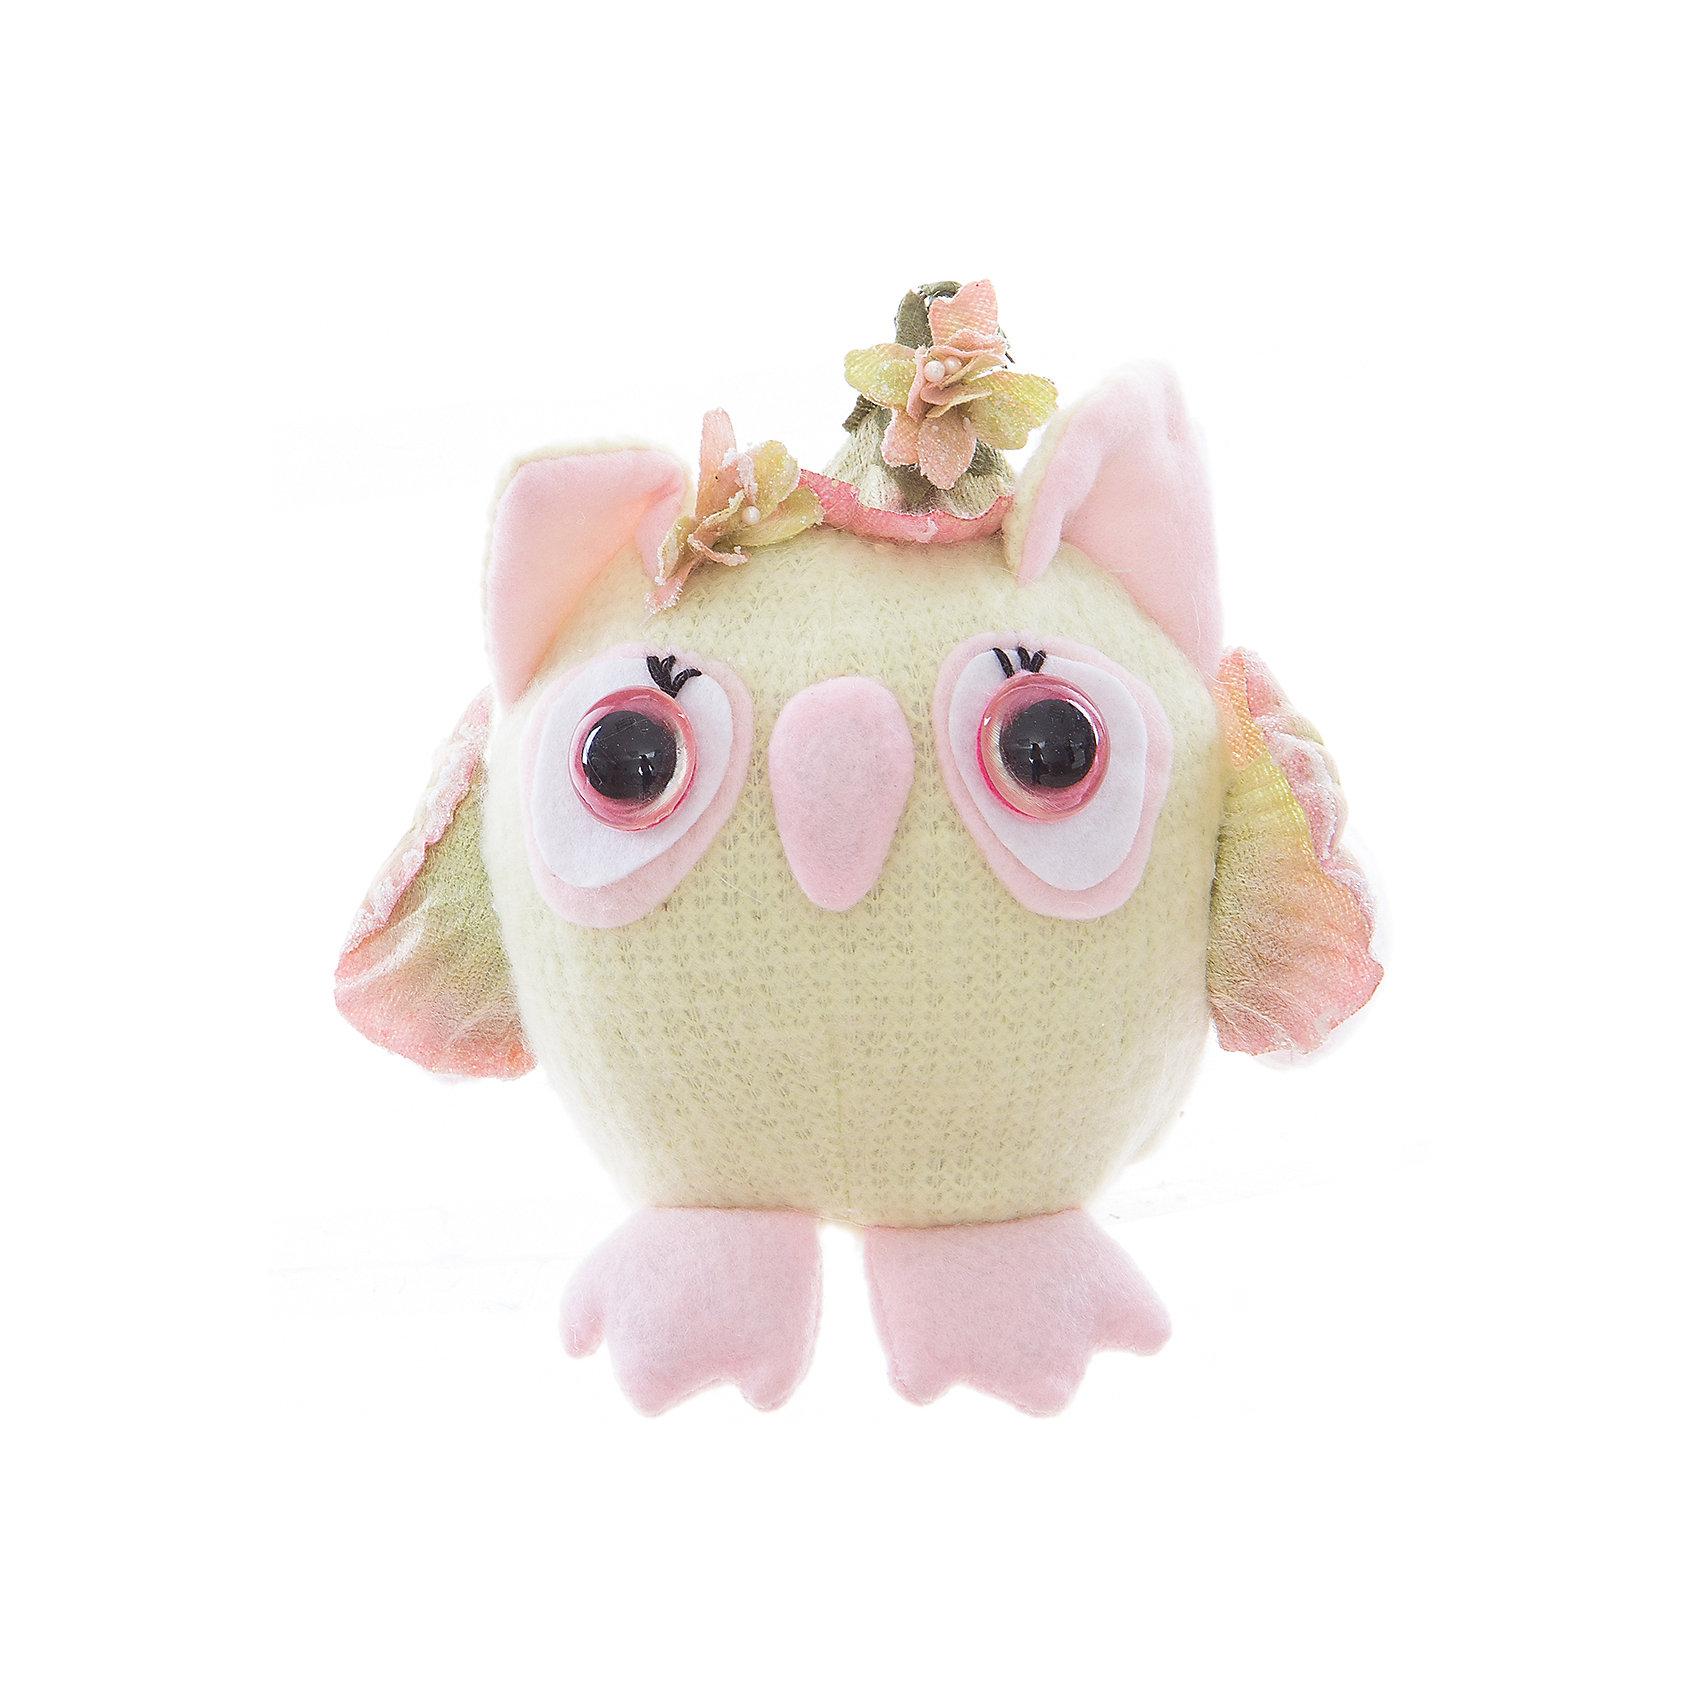 Интерьерная кукла Совушка C21-066021, EstroПредметы интерьера<br>Характеристики интерьерной куклы:<br><br>- размеры: 15*14*8 см. <br>- тип игрушки: животные, мягкая игрушка<br>- персонаж: сова<br>- вид упаковки: коробка<br>- возрастные ограничения: 3+<br>- комплектация: игрушка <br>- состав: дерево, полиэстер, текстиль, полиэфир <br>- материал изготовления: высококачественный пластик, полиэстер, ткань<br>- стиль: классический, прованс<br>- бренд: Estro <br>- страна бренда: Италия<br>- страна производитель: Китай<br><br>Смешная круглая сова привнесет неповторимость в и уют в Ваш дом, будет последним штрихом для создания неповторимого дизайна, который в любое время года принесет Вам только радость и позитивные эмоции. При ее изготовлении  применяются только качественные, высококлассные материалы.<br><br>Интерьерную куклу сова итальянской торговой марки Estro можно купить в нашем интернет-магазине.<br><br>Ширина мм: 150<br>Глубина мм: 150<br>Высота мм: 150<br>Вес г: 106<br>Возраст от месяцев: 36<br>Возраст до месяцев: 1188<br>Пол: Женский<br>Возраст: Детский<br>SKU: 5356622